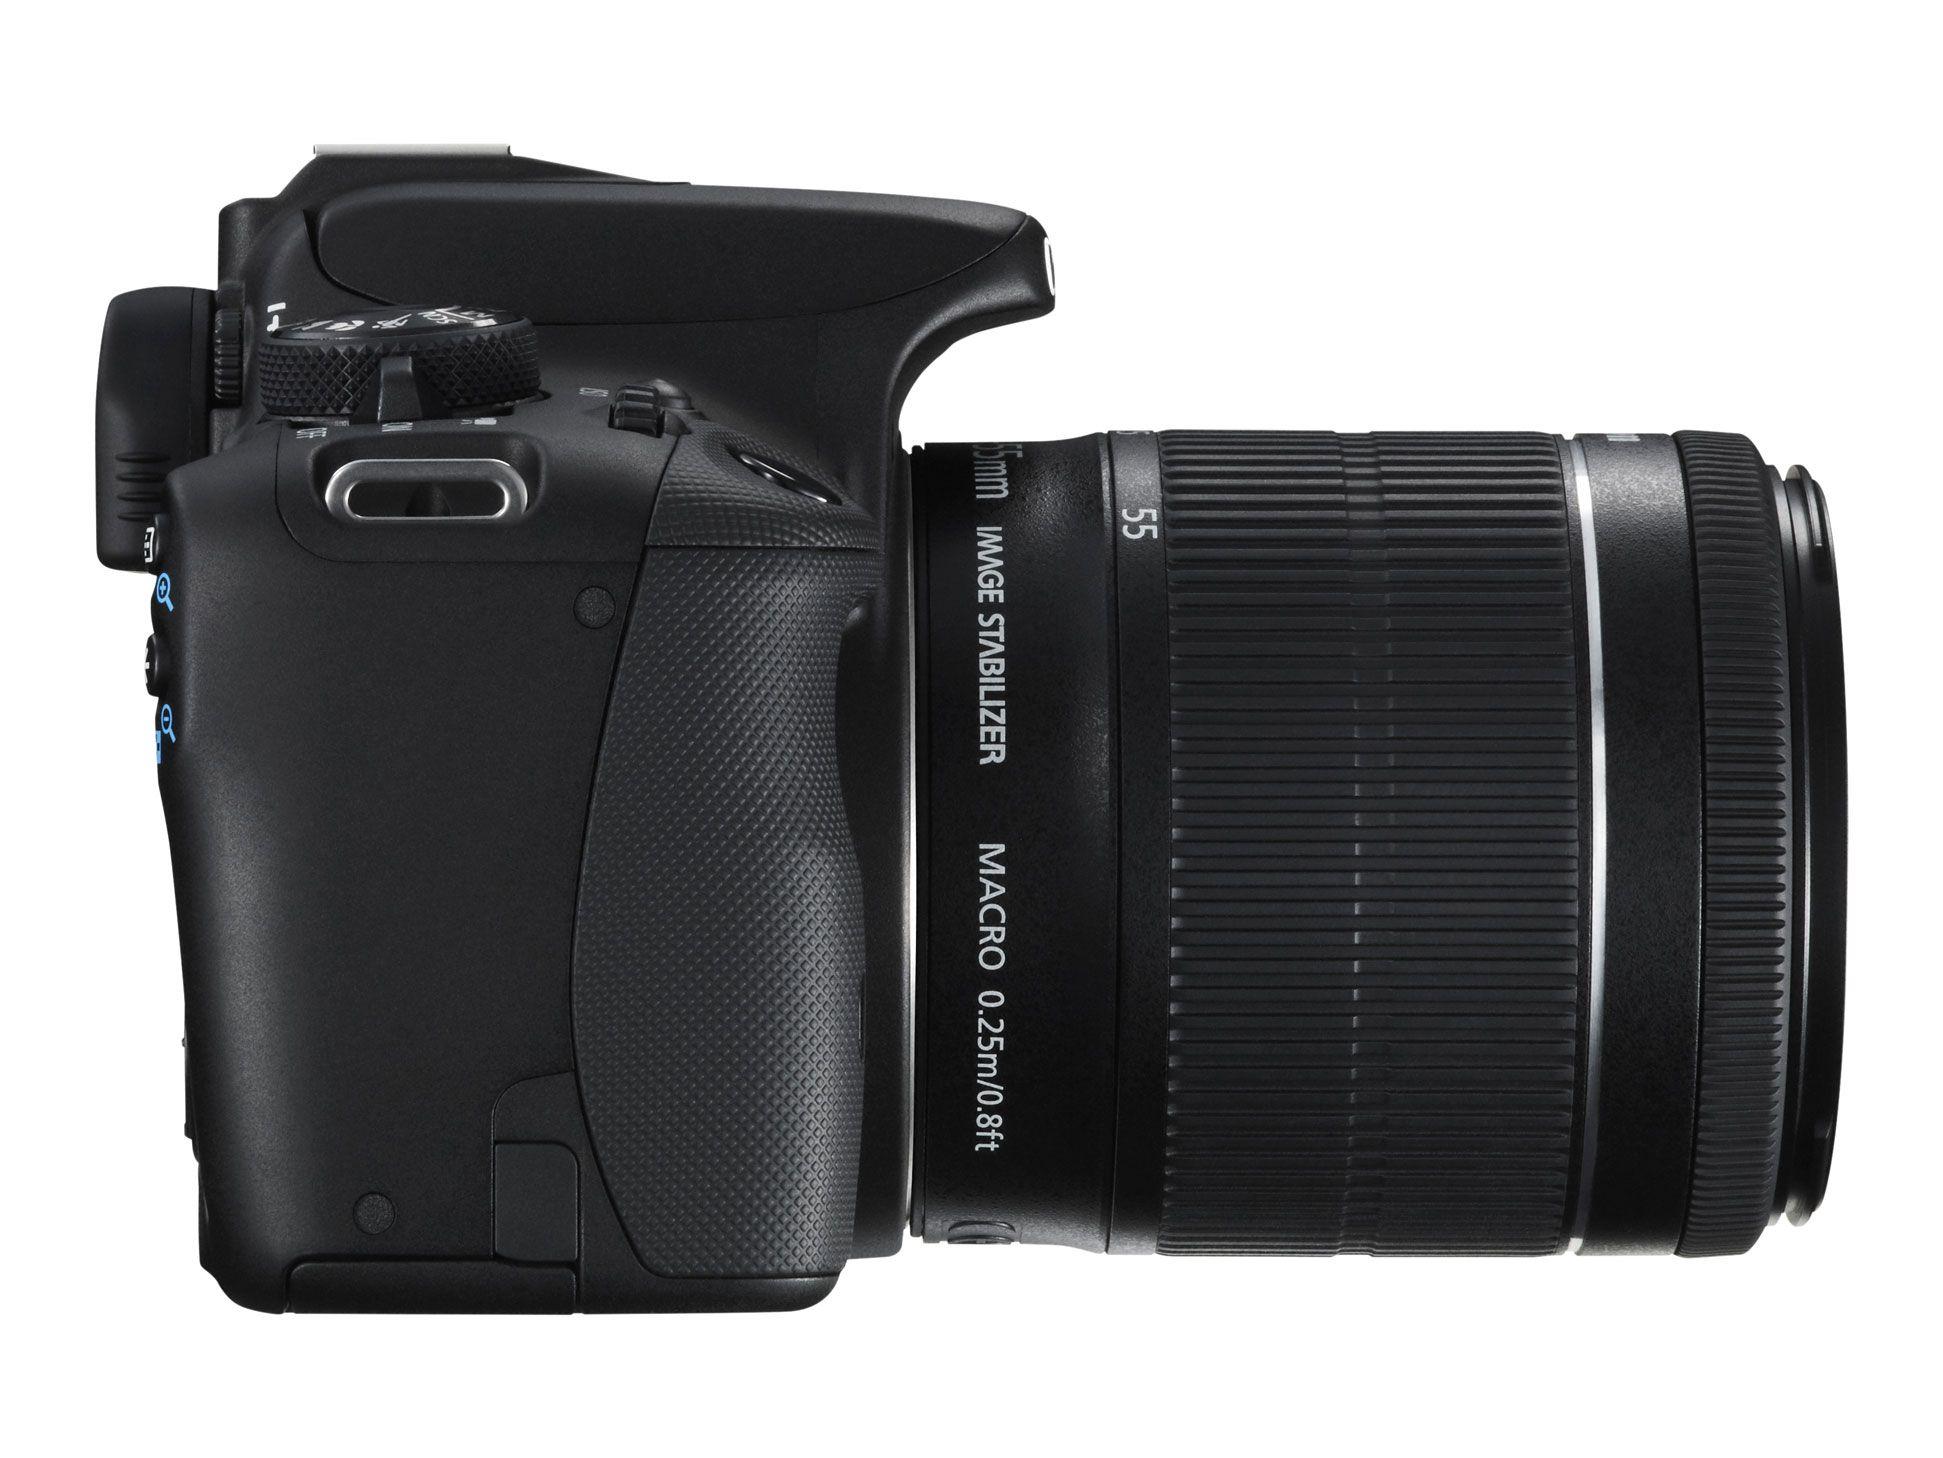 Canon EOS 100D er ikke store saken, men har Canon rett i at det er det minste?Foto: Canon